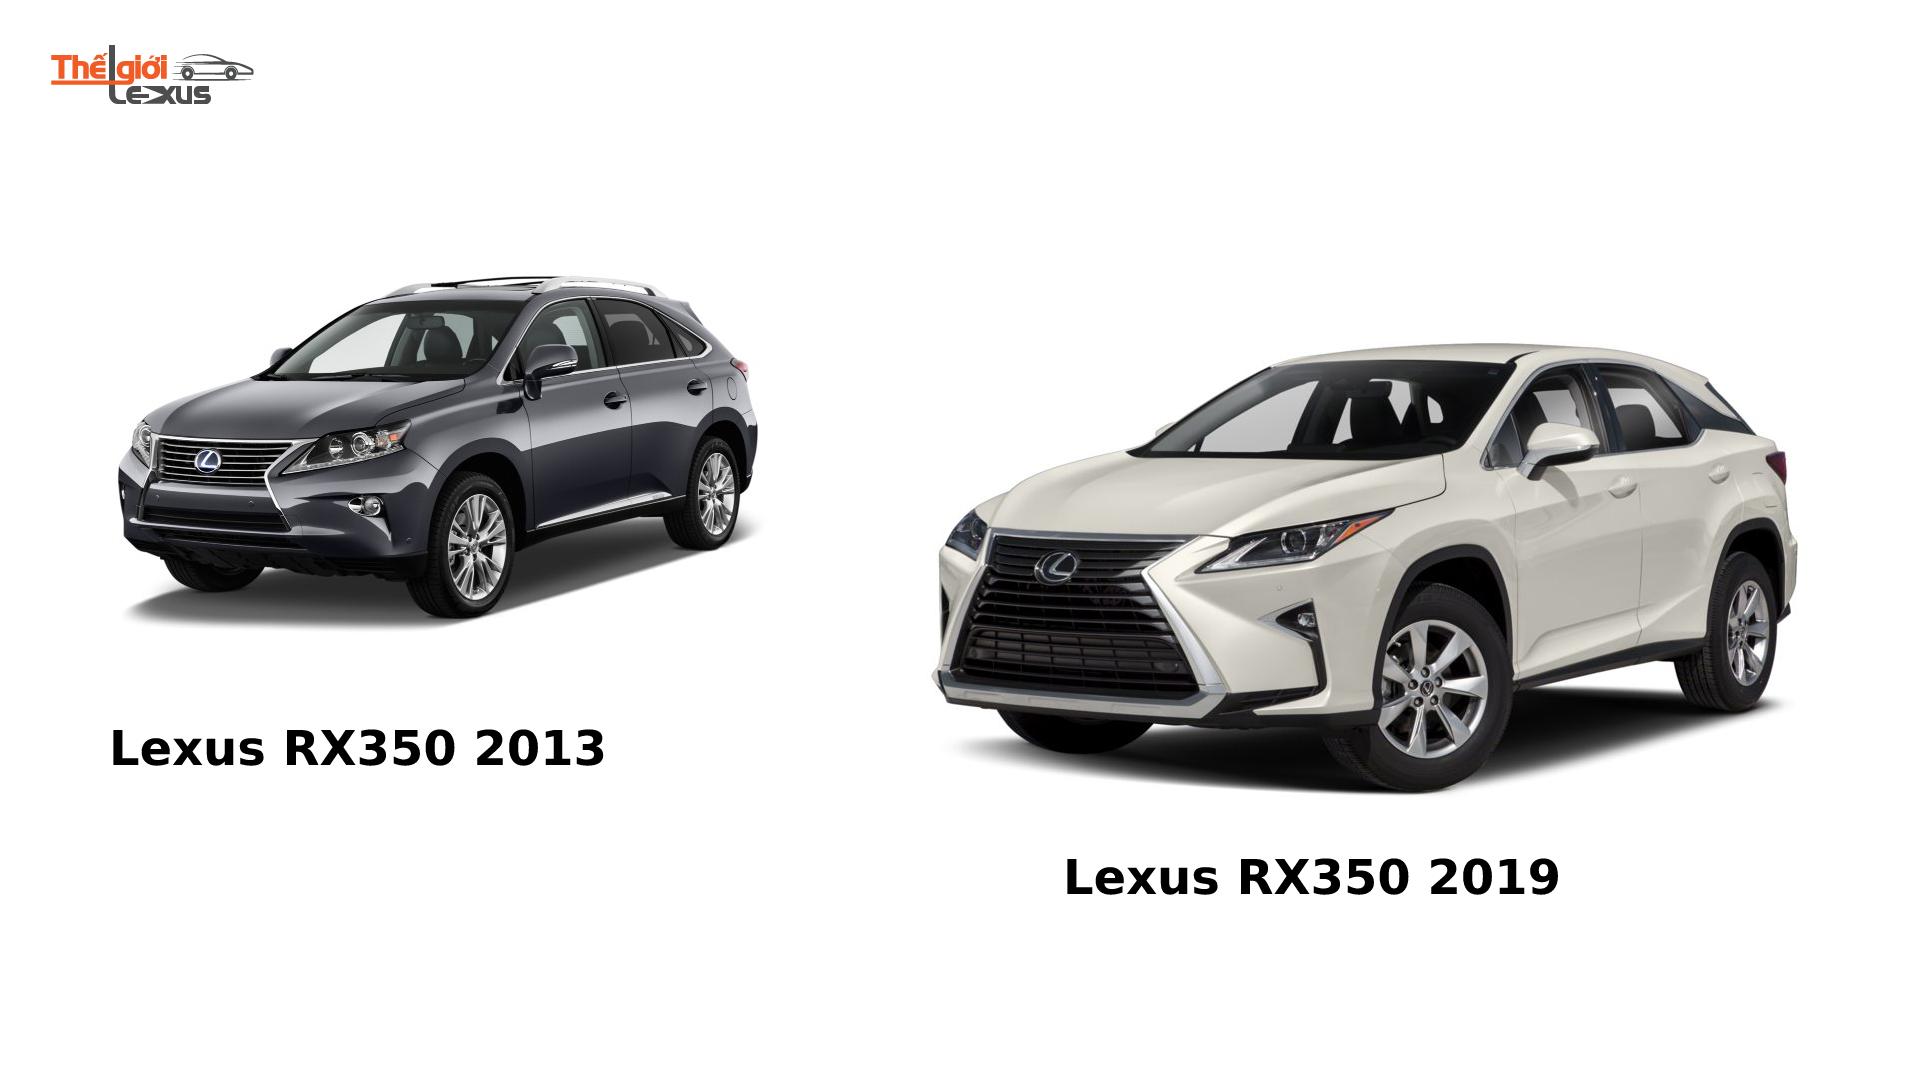 Có nên mua Lexus RX350 cũ? Tại sao không phải là mua xe mới?